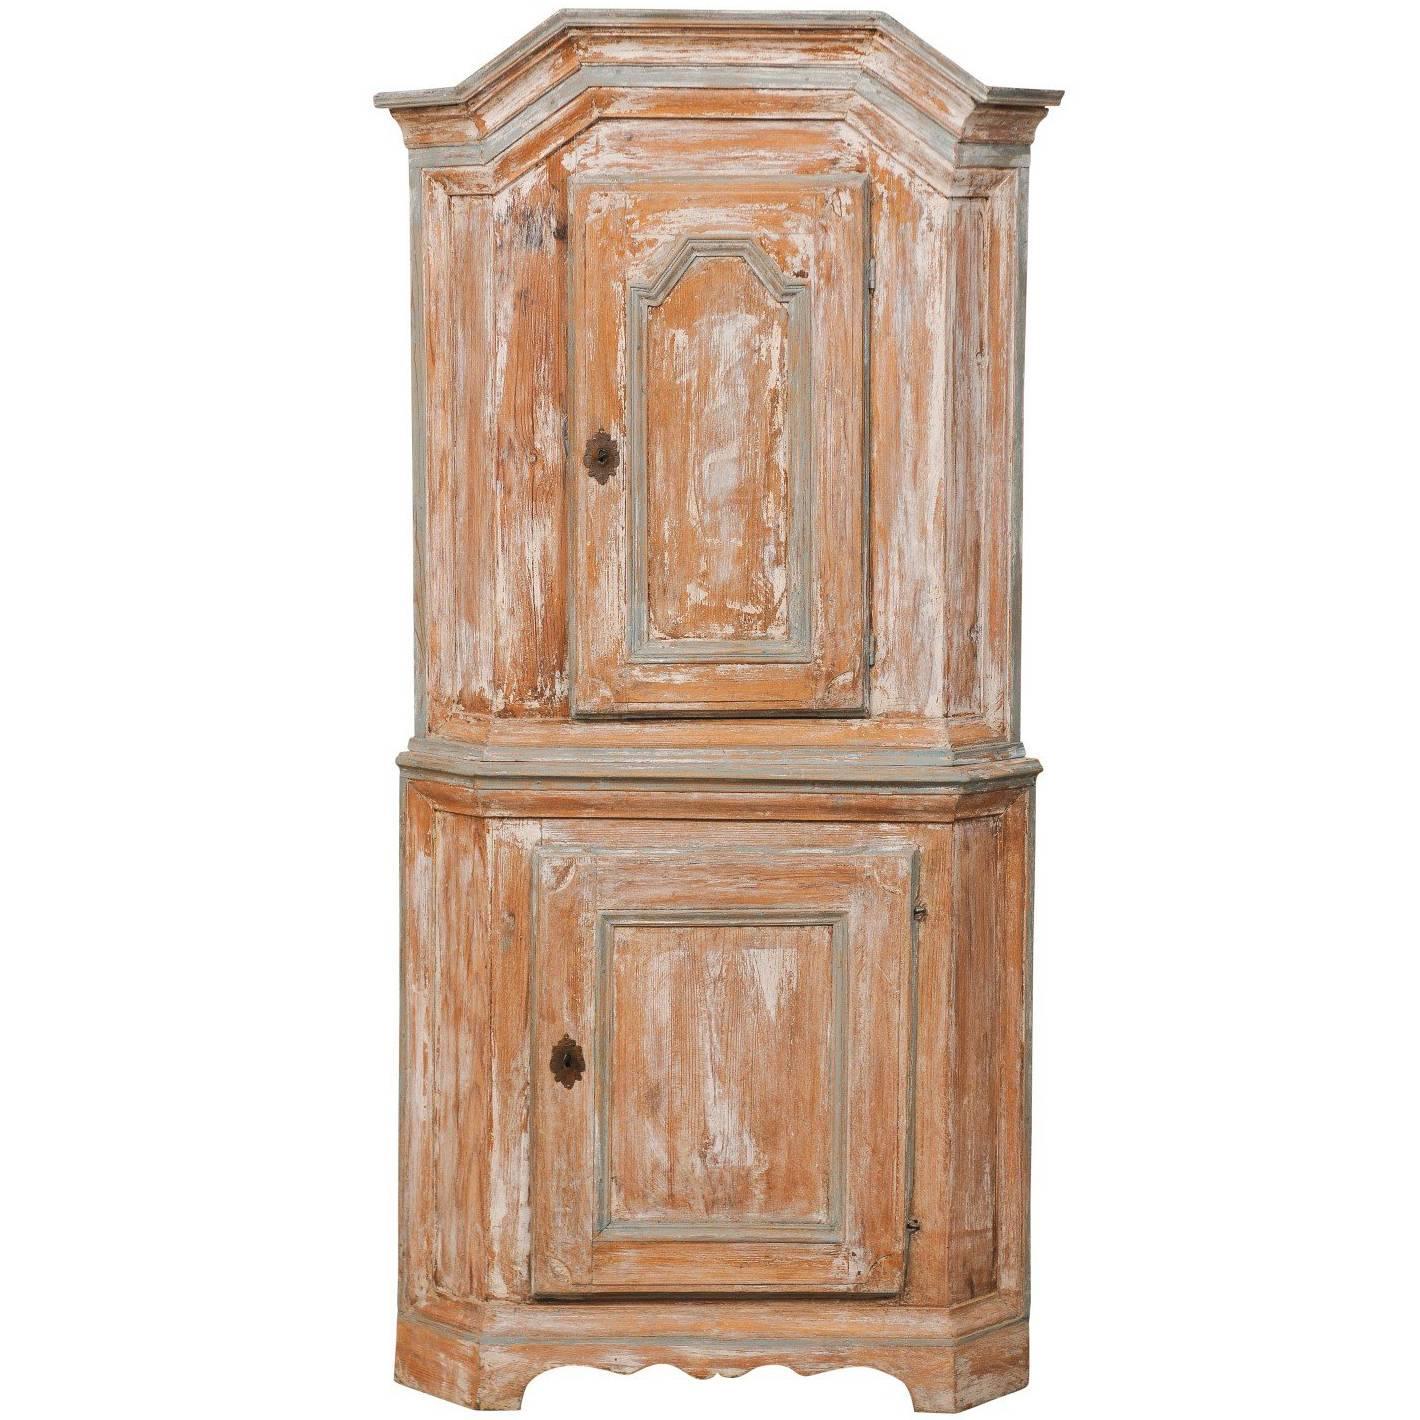 A Swedish Late-Baroque Corner Cabinet with Pediment Cornice & Scalloped Base